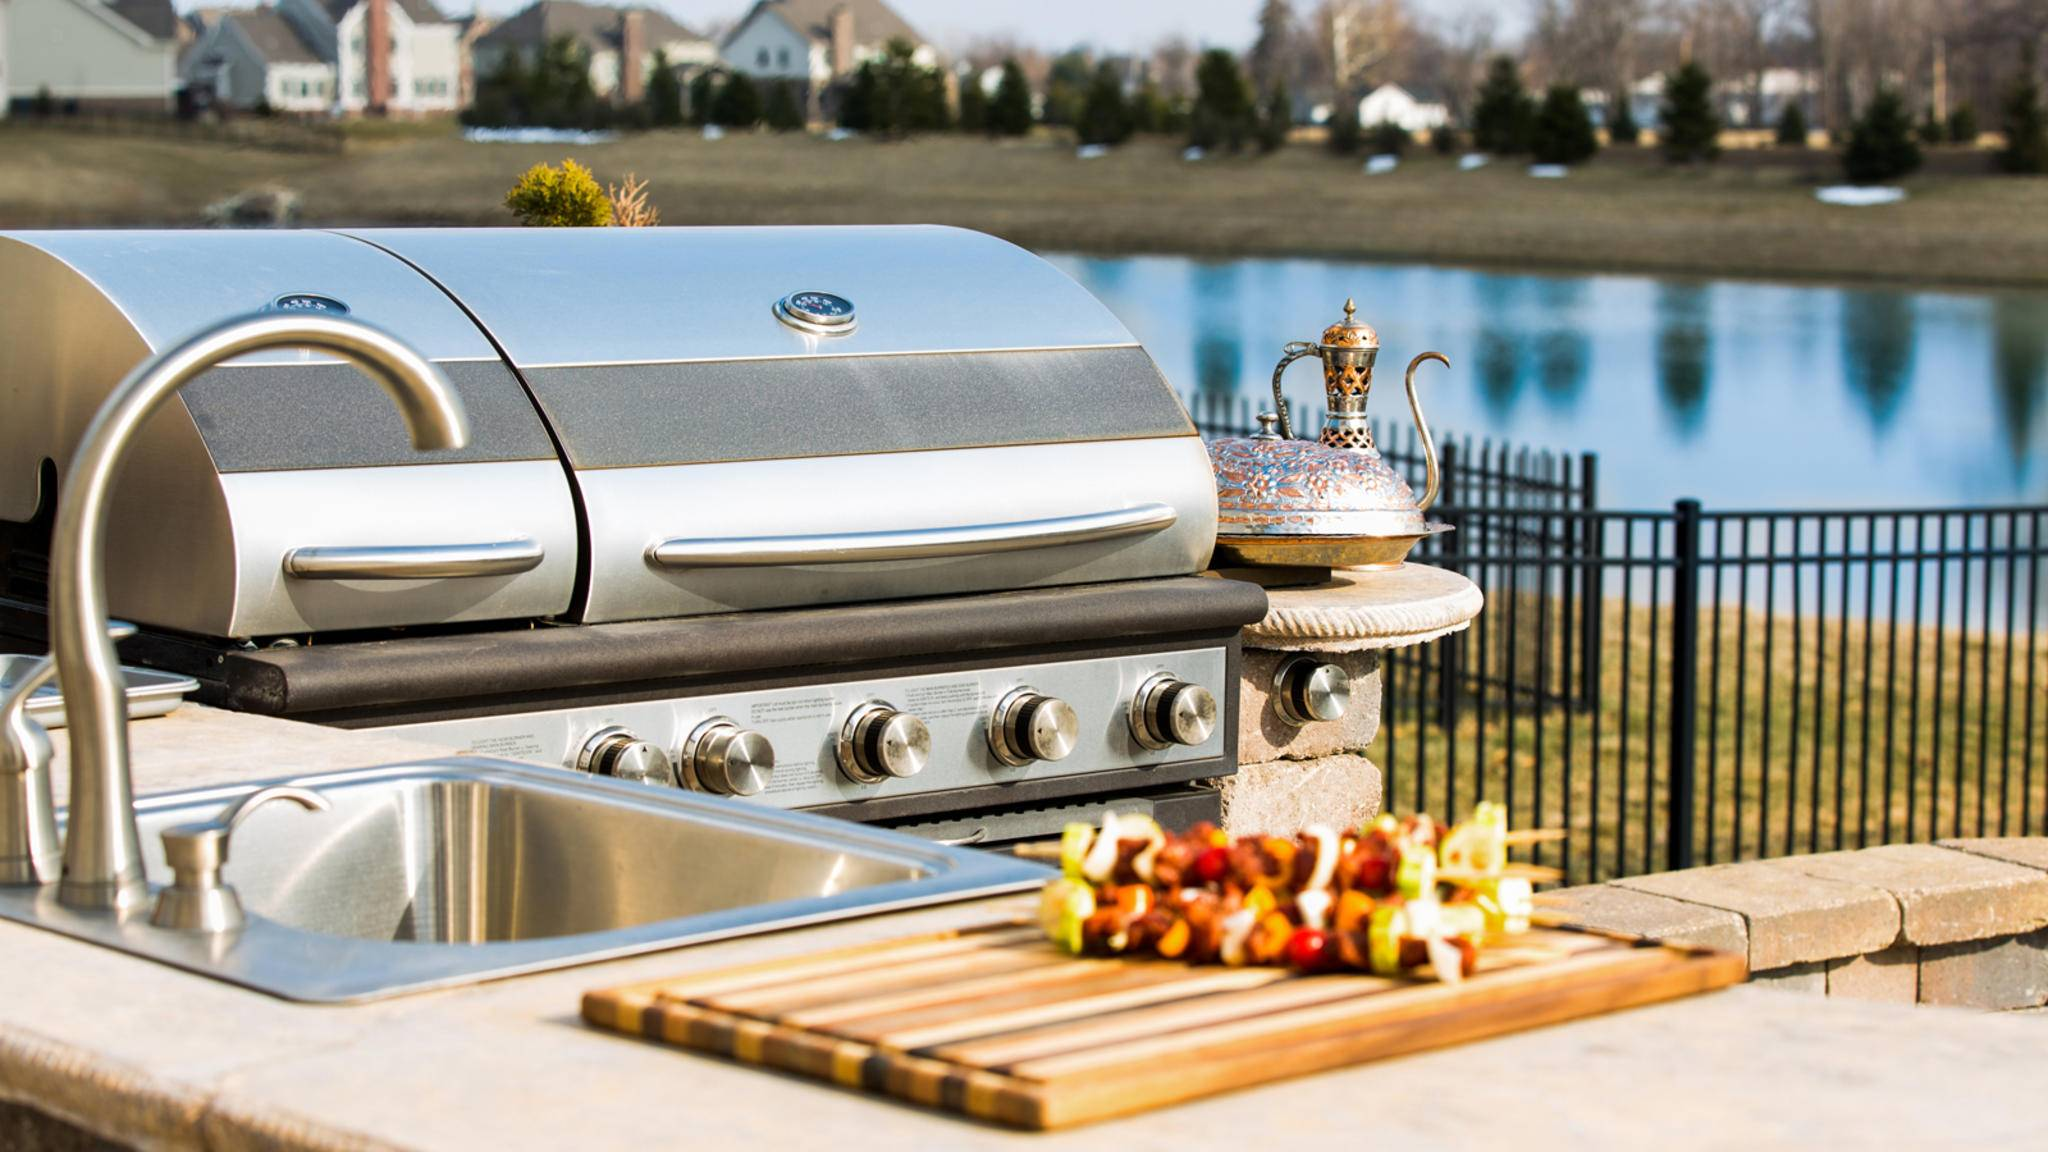 Vorbereiten, grillen, spülen – je nach Ausstattung kannst Du in einer Outdoor-Küche alle Handgriffe im Freien tätigen.